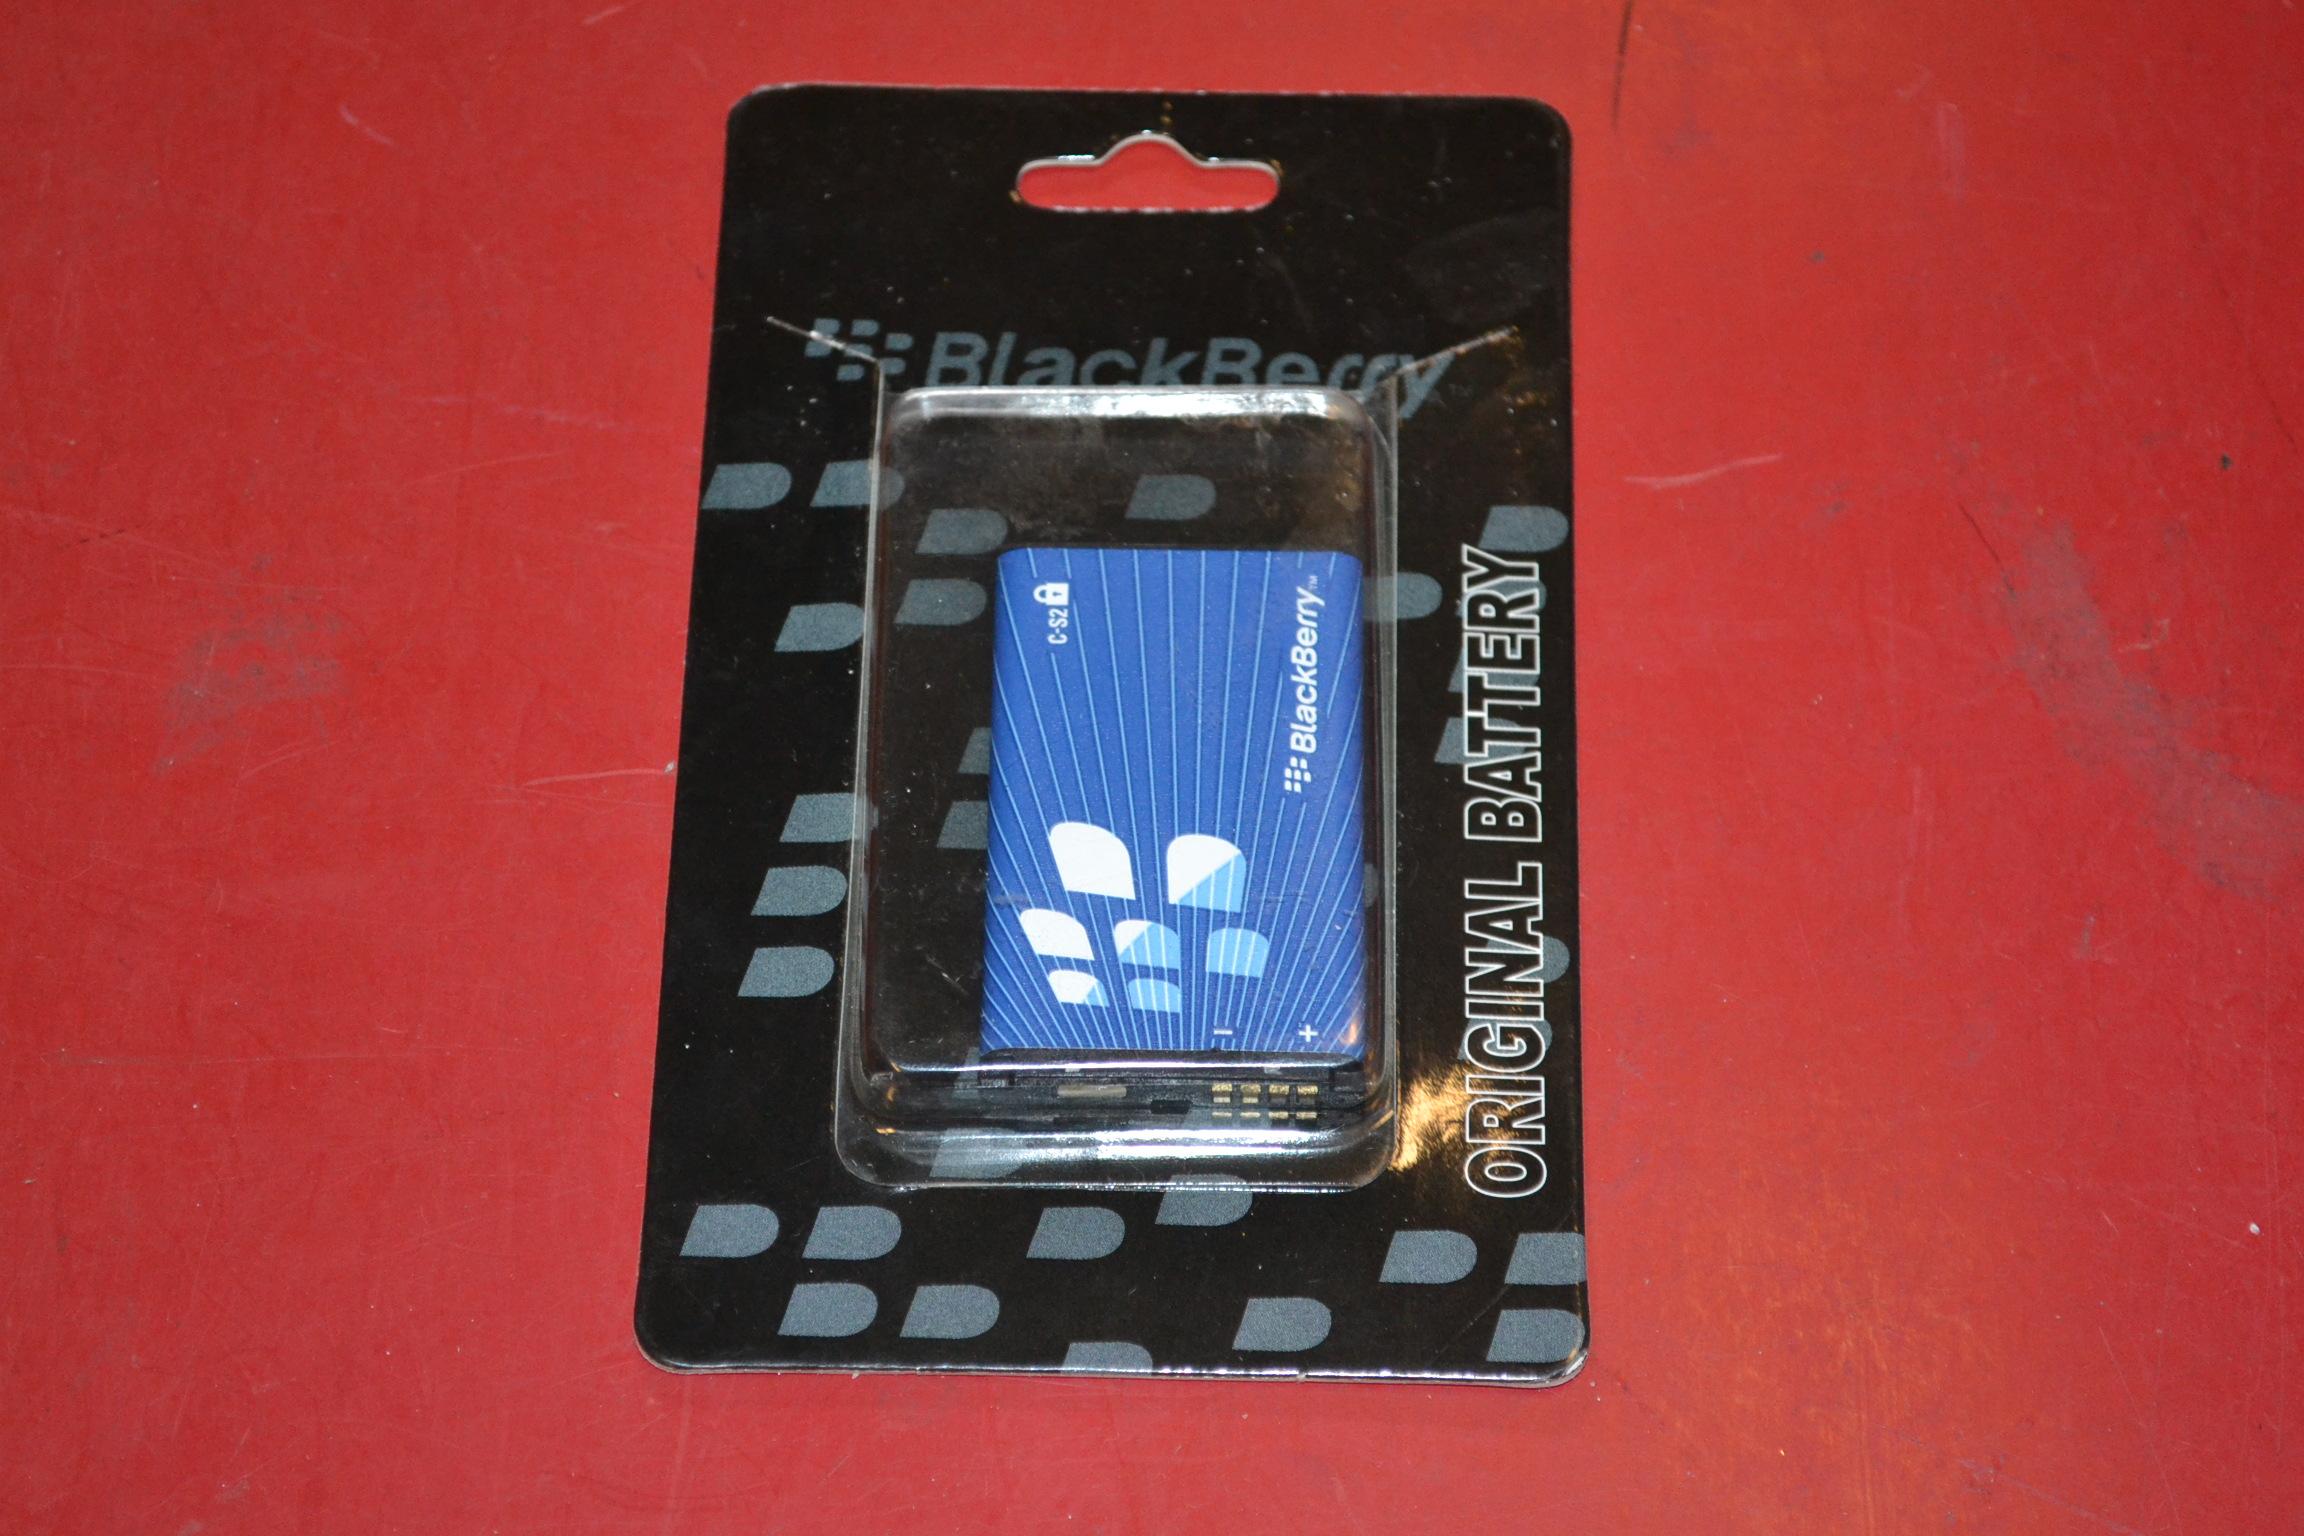 BlackBerry C-S2 For 7100 7130G 7130V Curve 8300 8310 8330 8700F/G/R/V